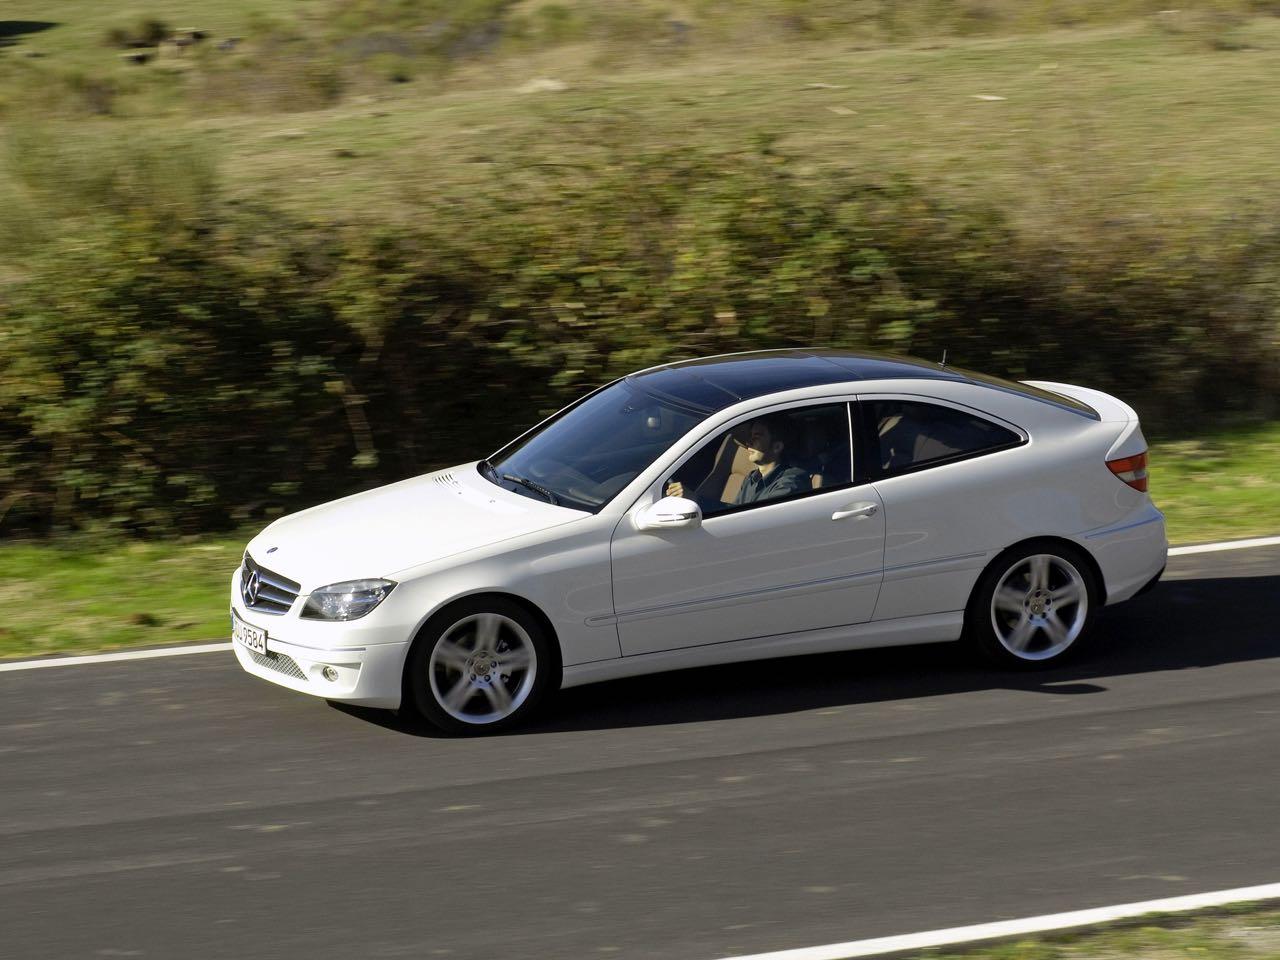 Mercedes Clase CLC 2008